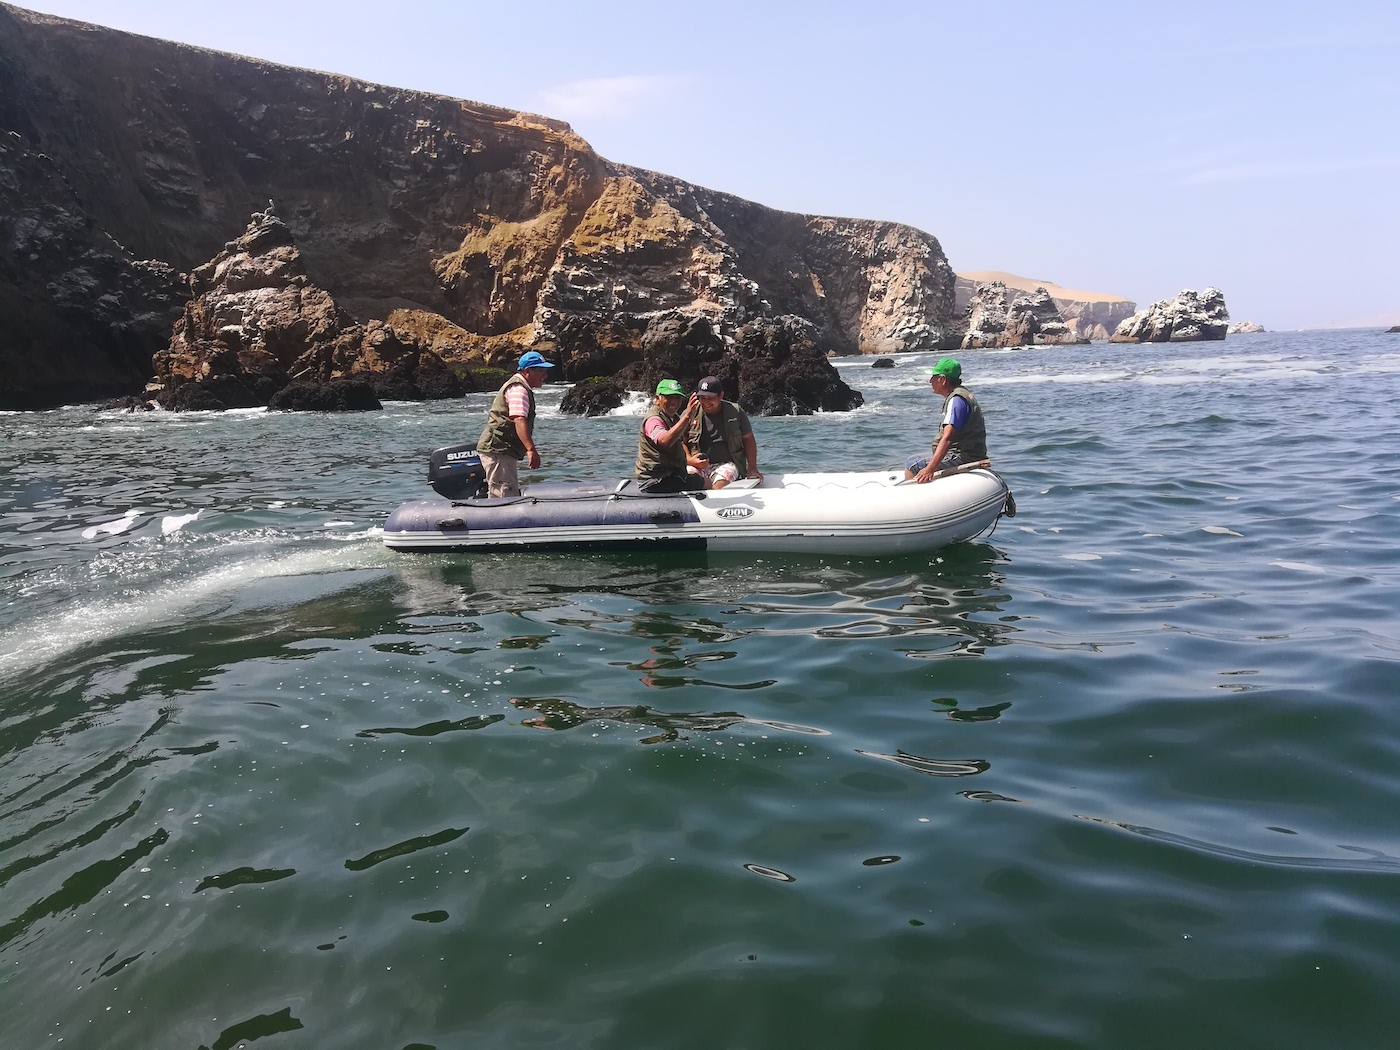 Vigilantes marinos. Terminado el operativo, los pescadores-guardaparques de Rancherío, en Laguna Grande, se dirigen de vuelta a su caleta. Foto: Ramiro Escobar.